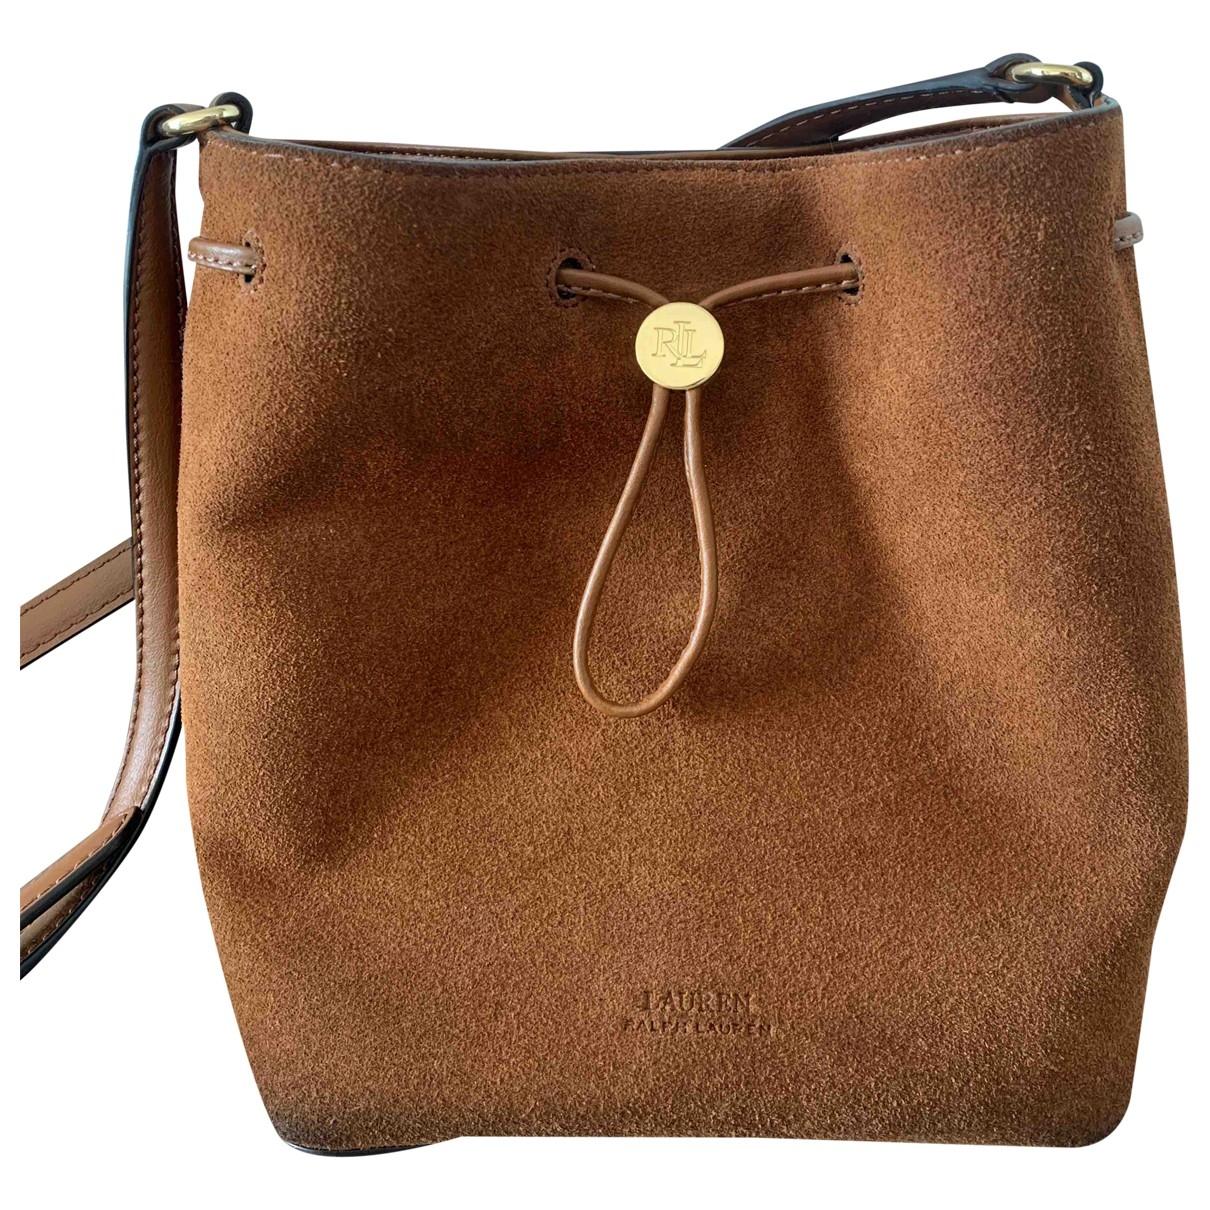 Lauren Ralph Lauren \N Camel Suede handbag for Women \N